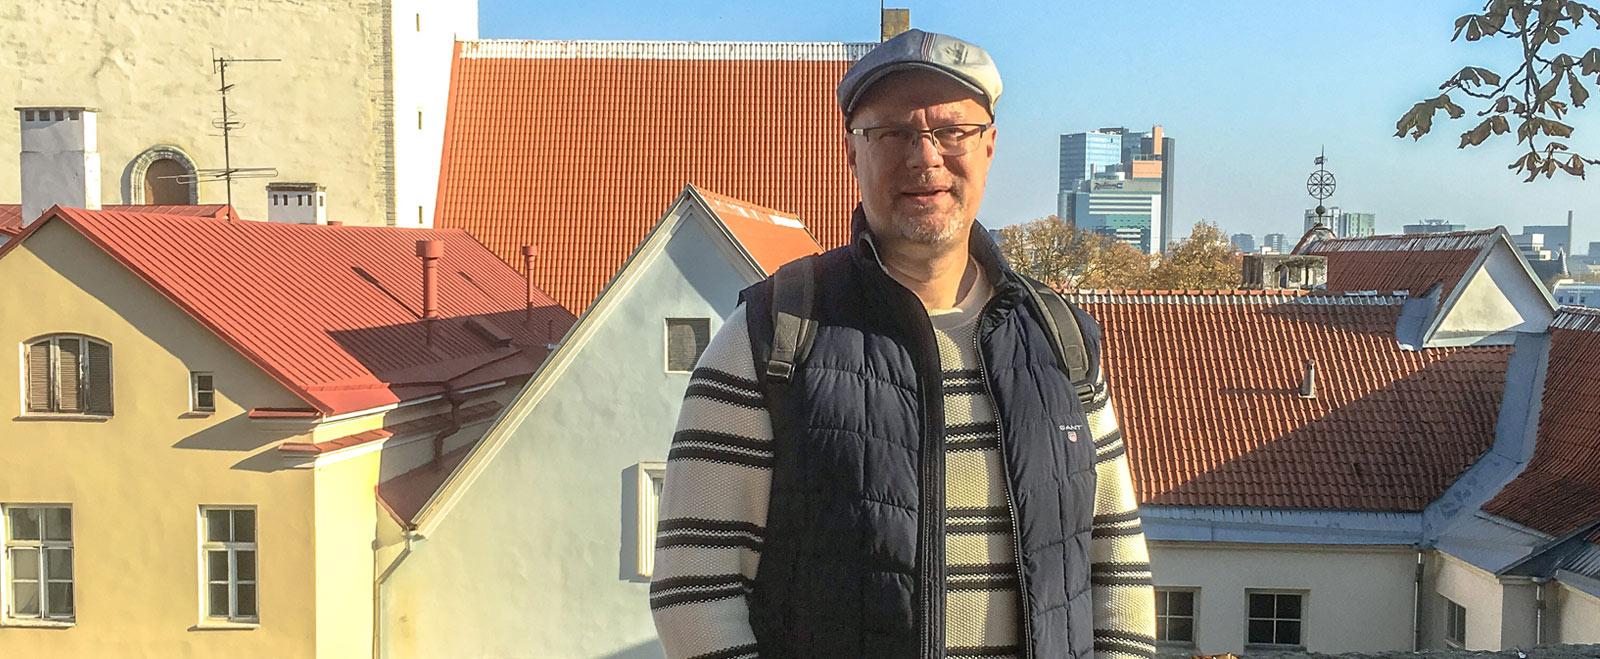 Verkkokoulu.comin laatu syntyy Keijo Heikkisestä ja asiantuntijoista